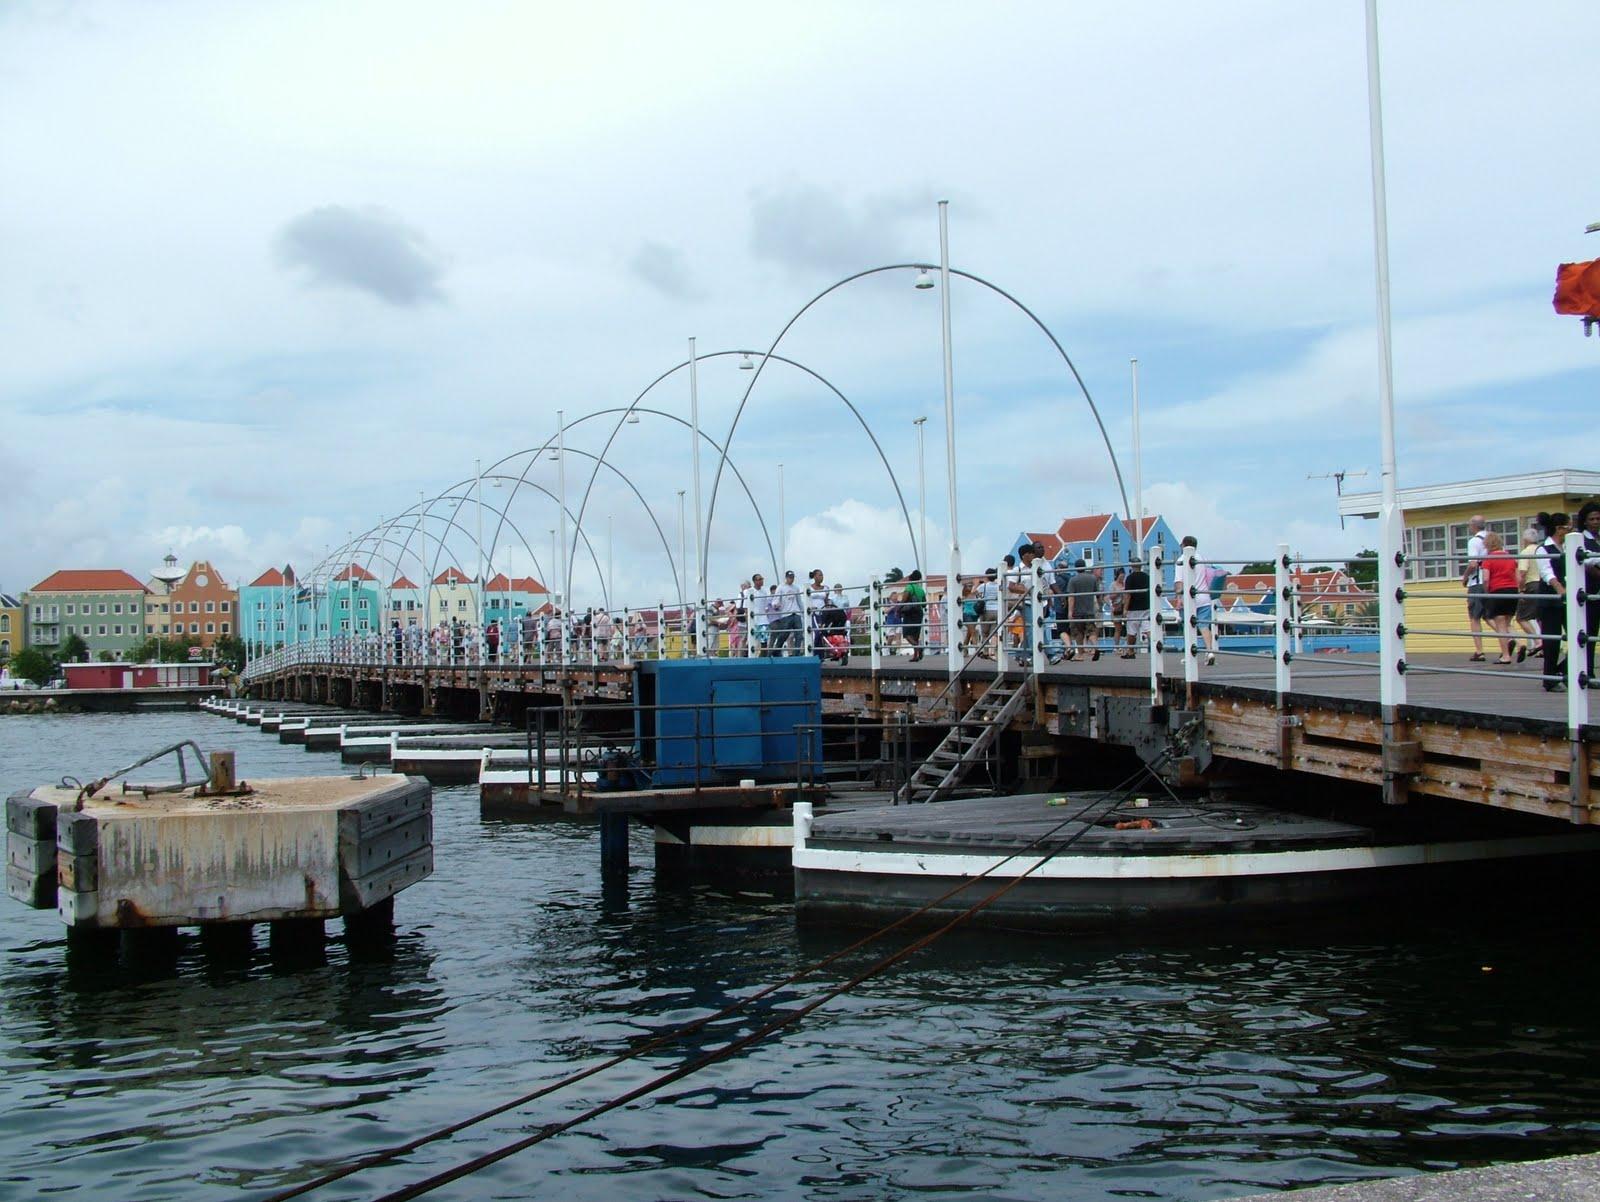 http://1.bp.blogspot.com/_5ZO_j9ozWwo/TPp83QjbQWI/AAAAAAAAALQ/kTxoqYaL6IY/s1600/Curacao%2B04.JPG